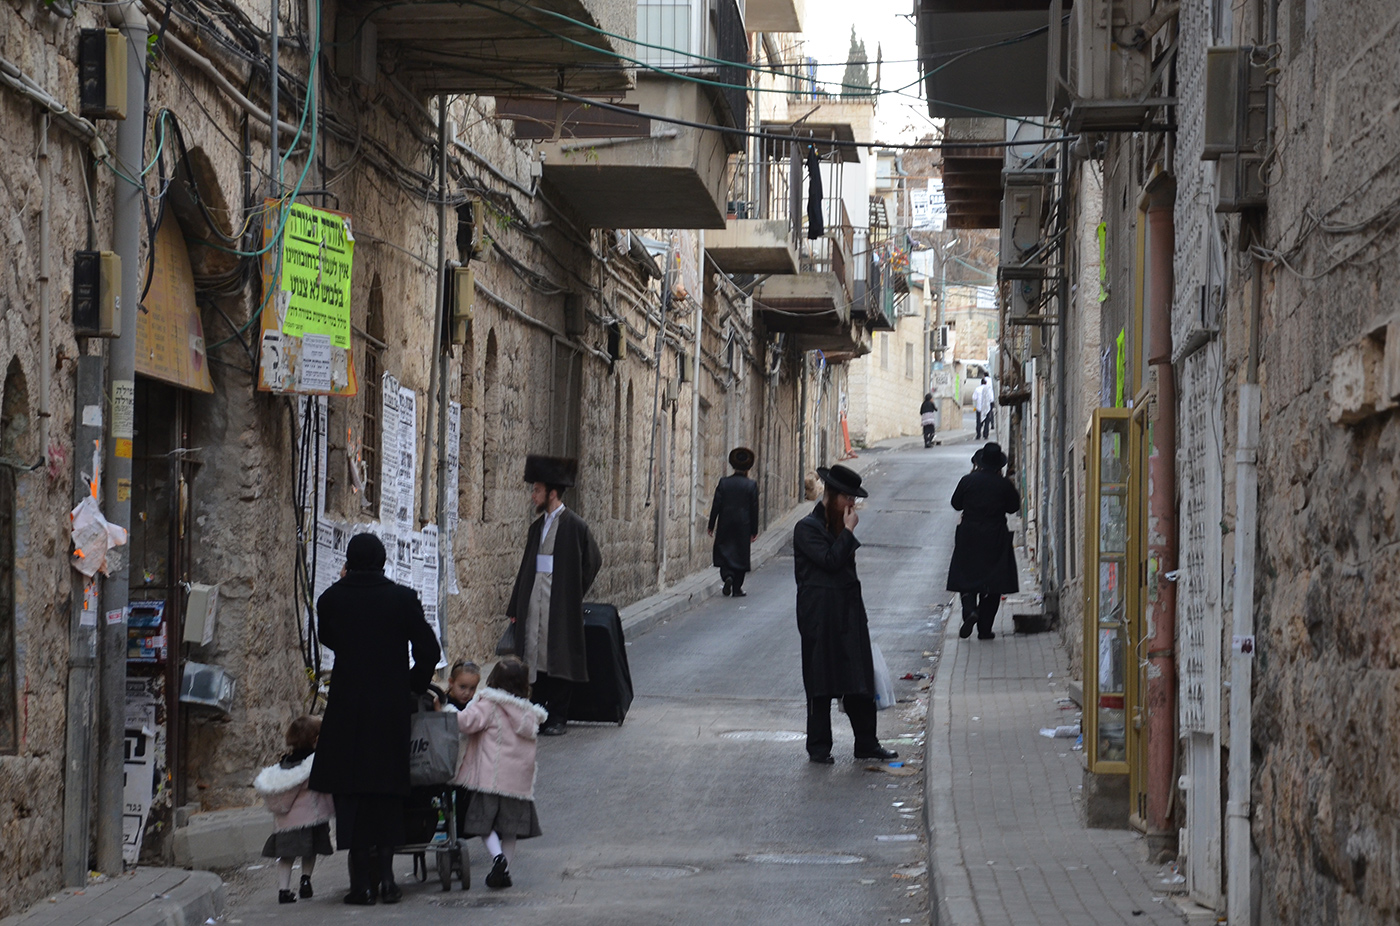 ulice v Mea Shearim, Jeruzalém, Izrael